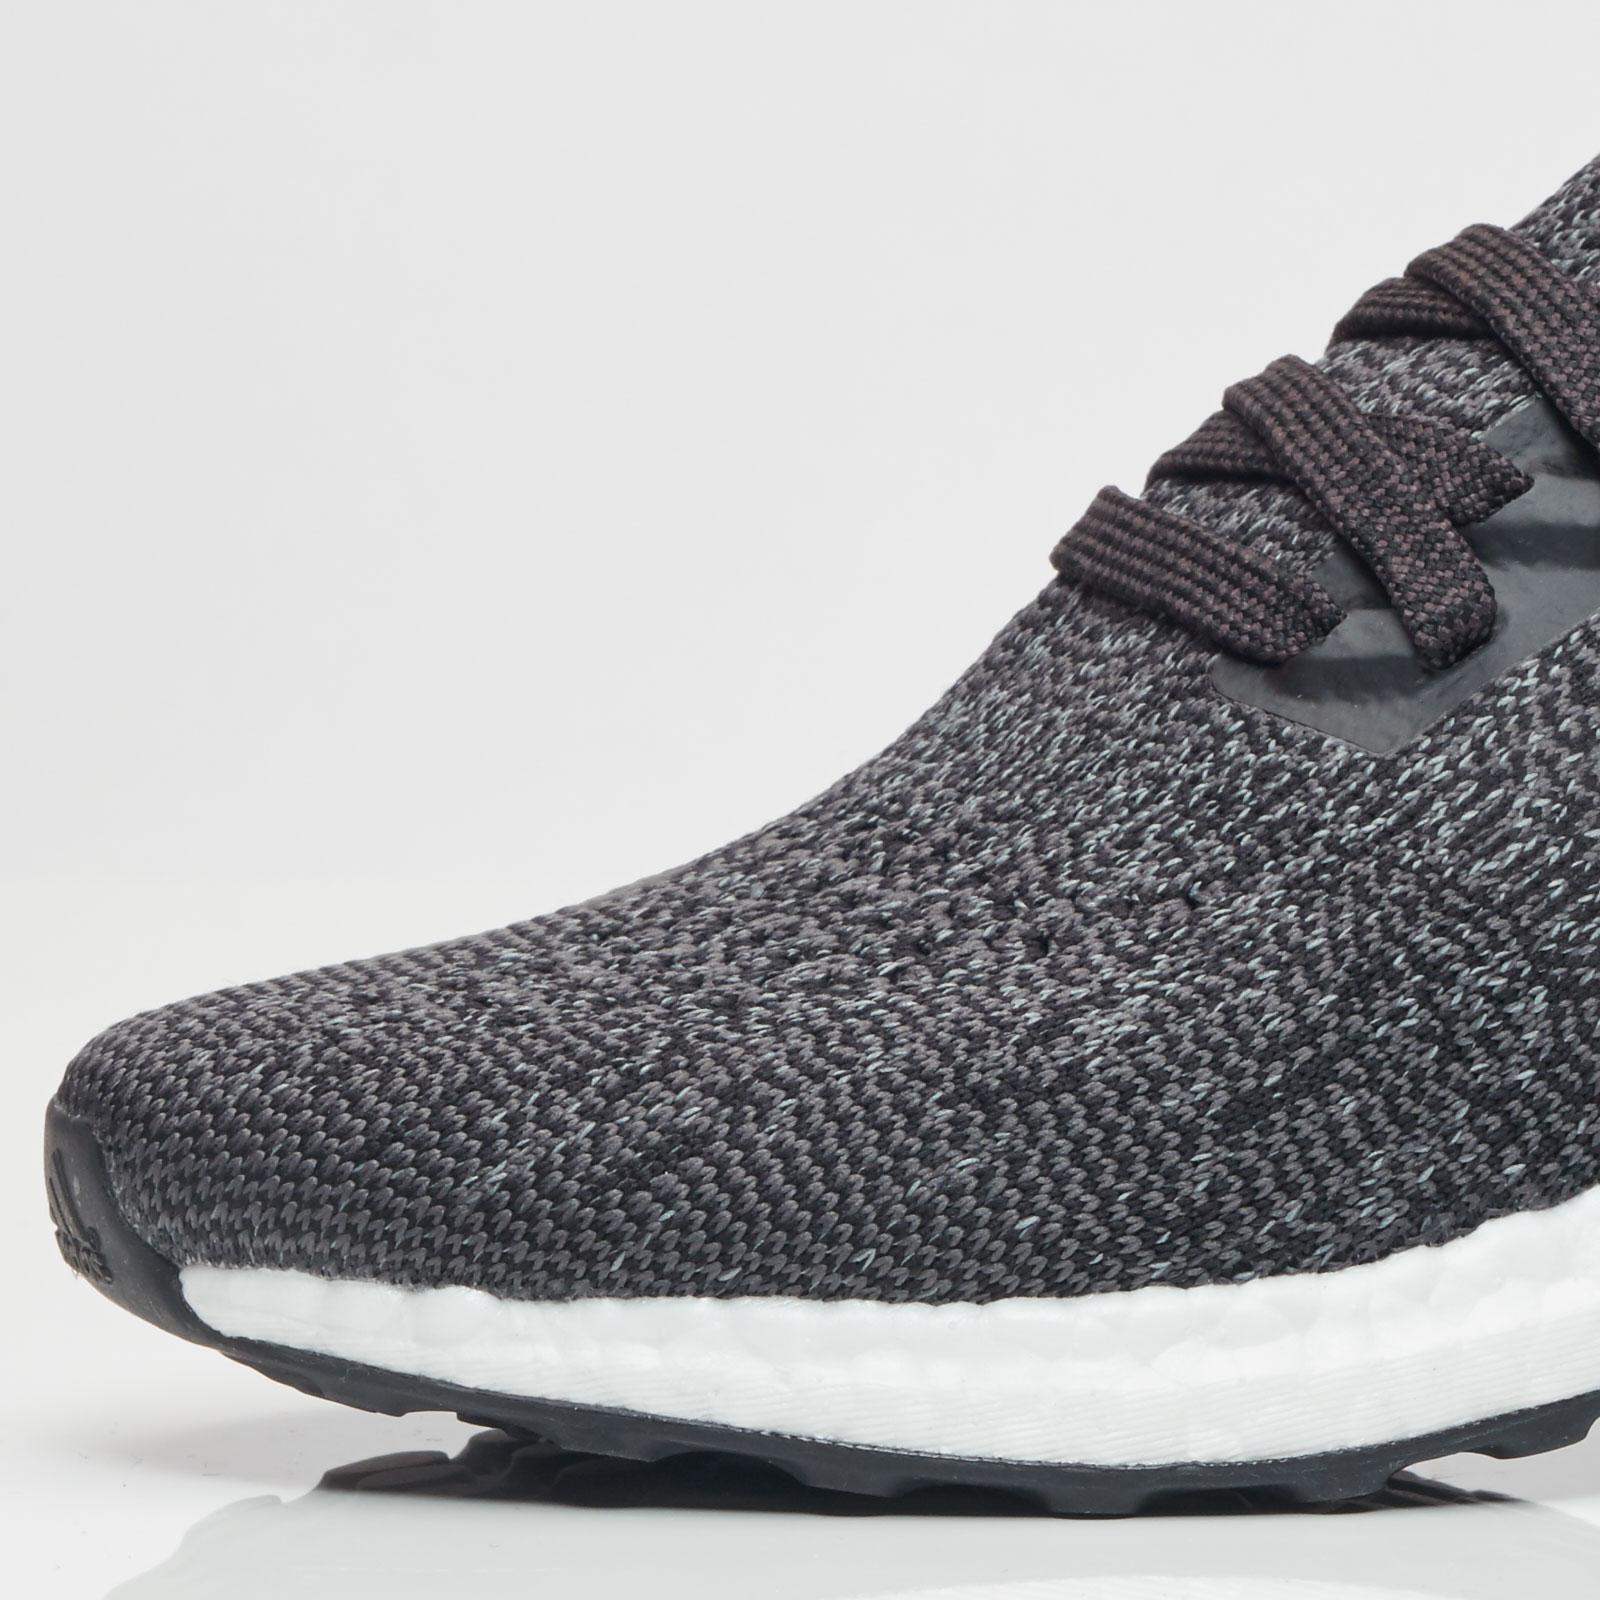 adidas ultraboost fece uscire by2551 sneakersnstuff scarpe